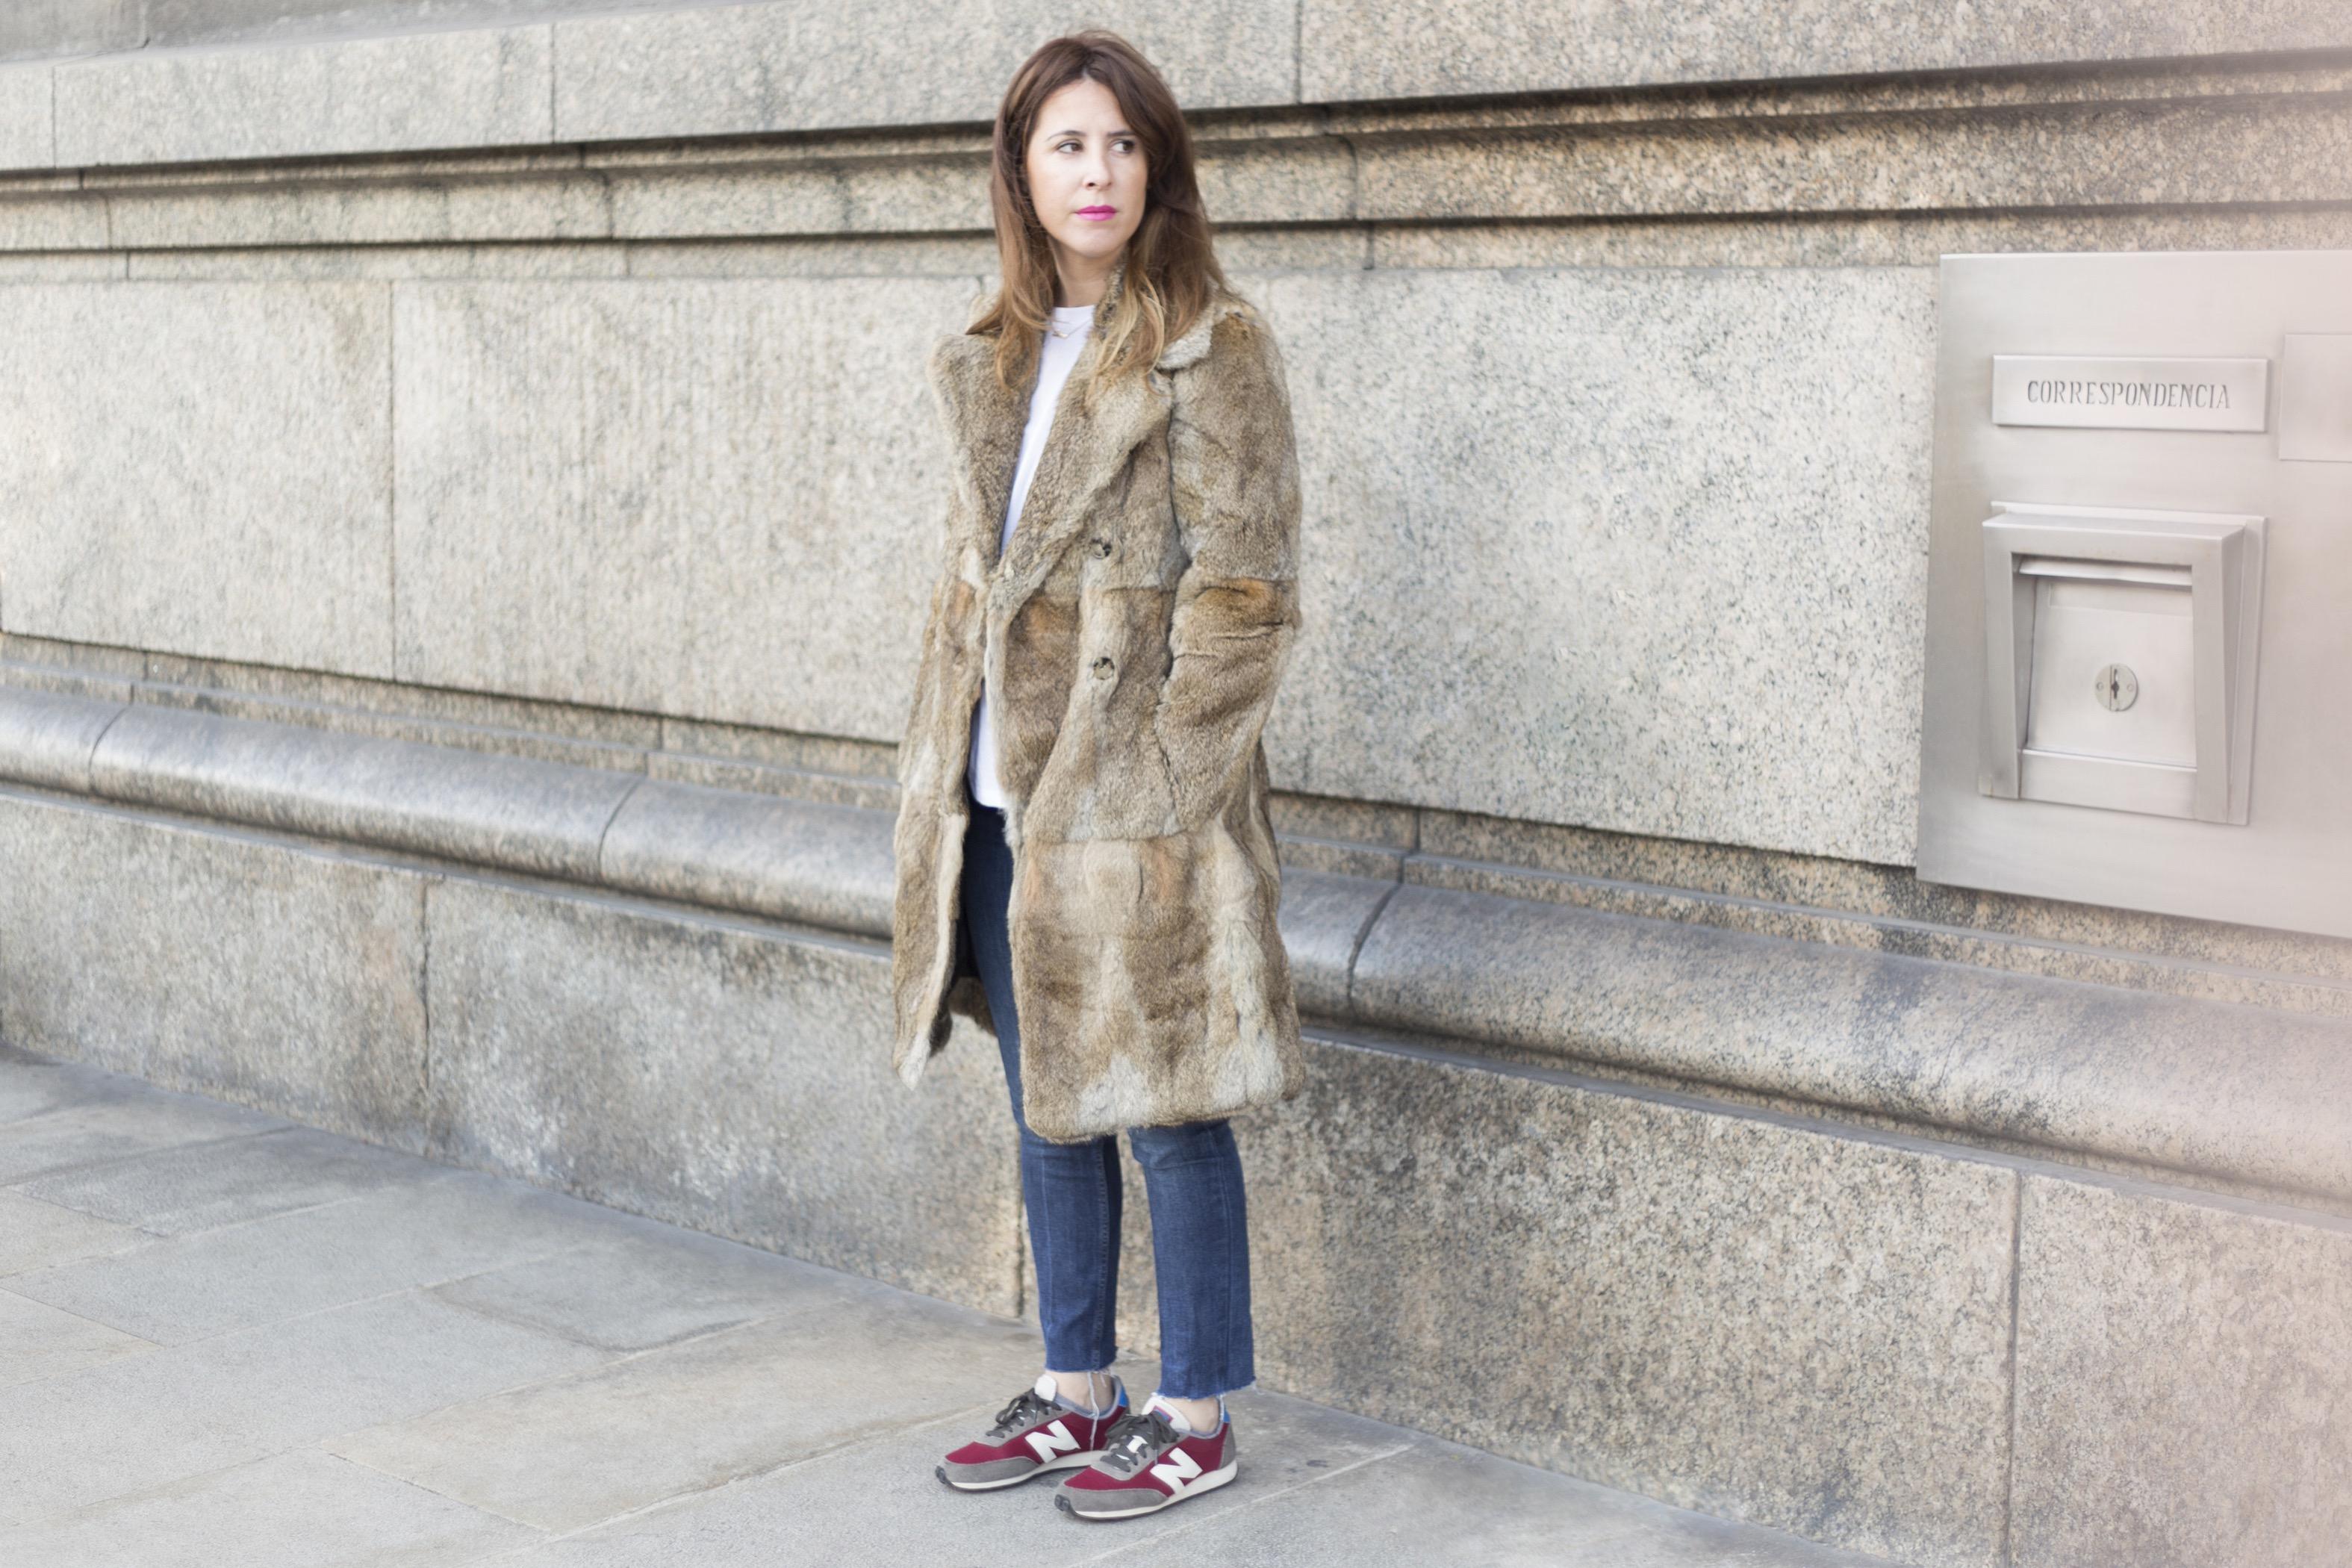 moda-calle-fashion-fur-merry-coat-SANDRO-street-style-coruña-descalzaporelparque